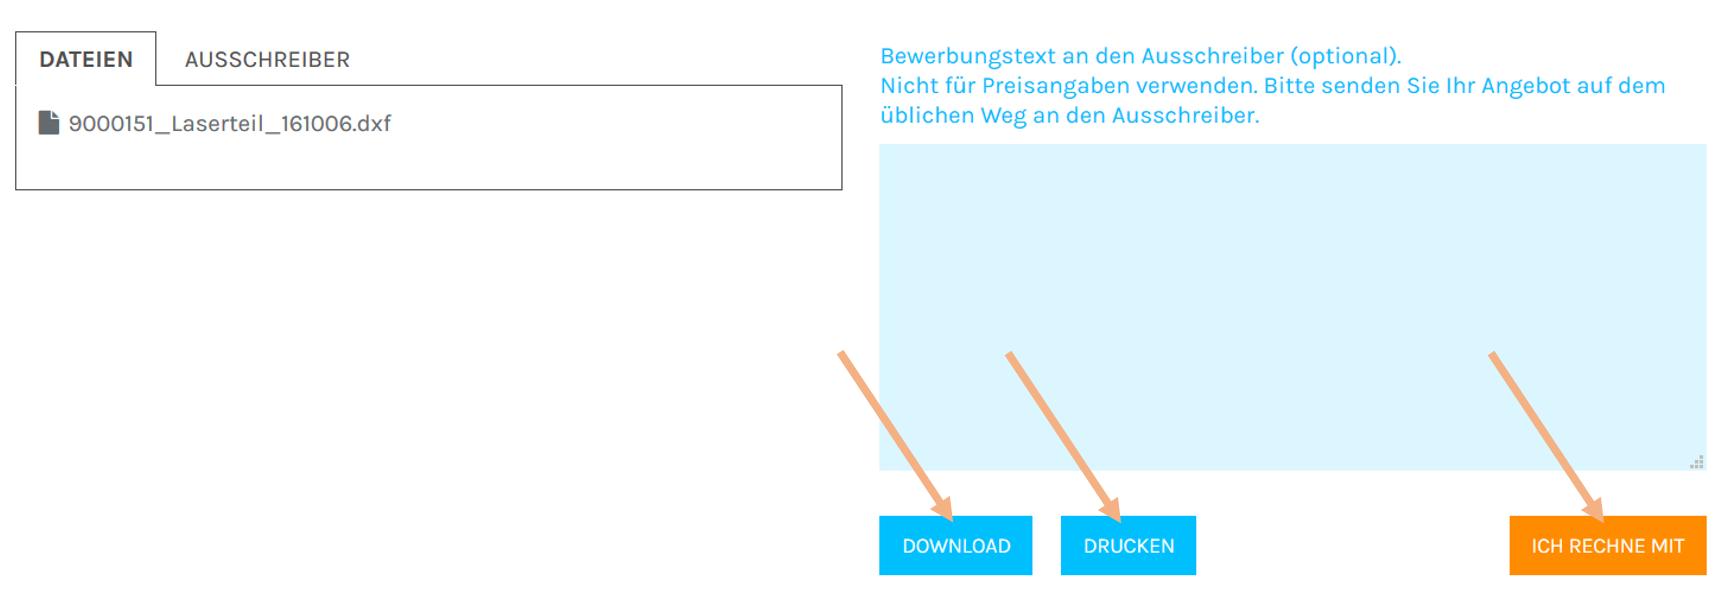 bild-news-downloadfunktionen